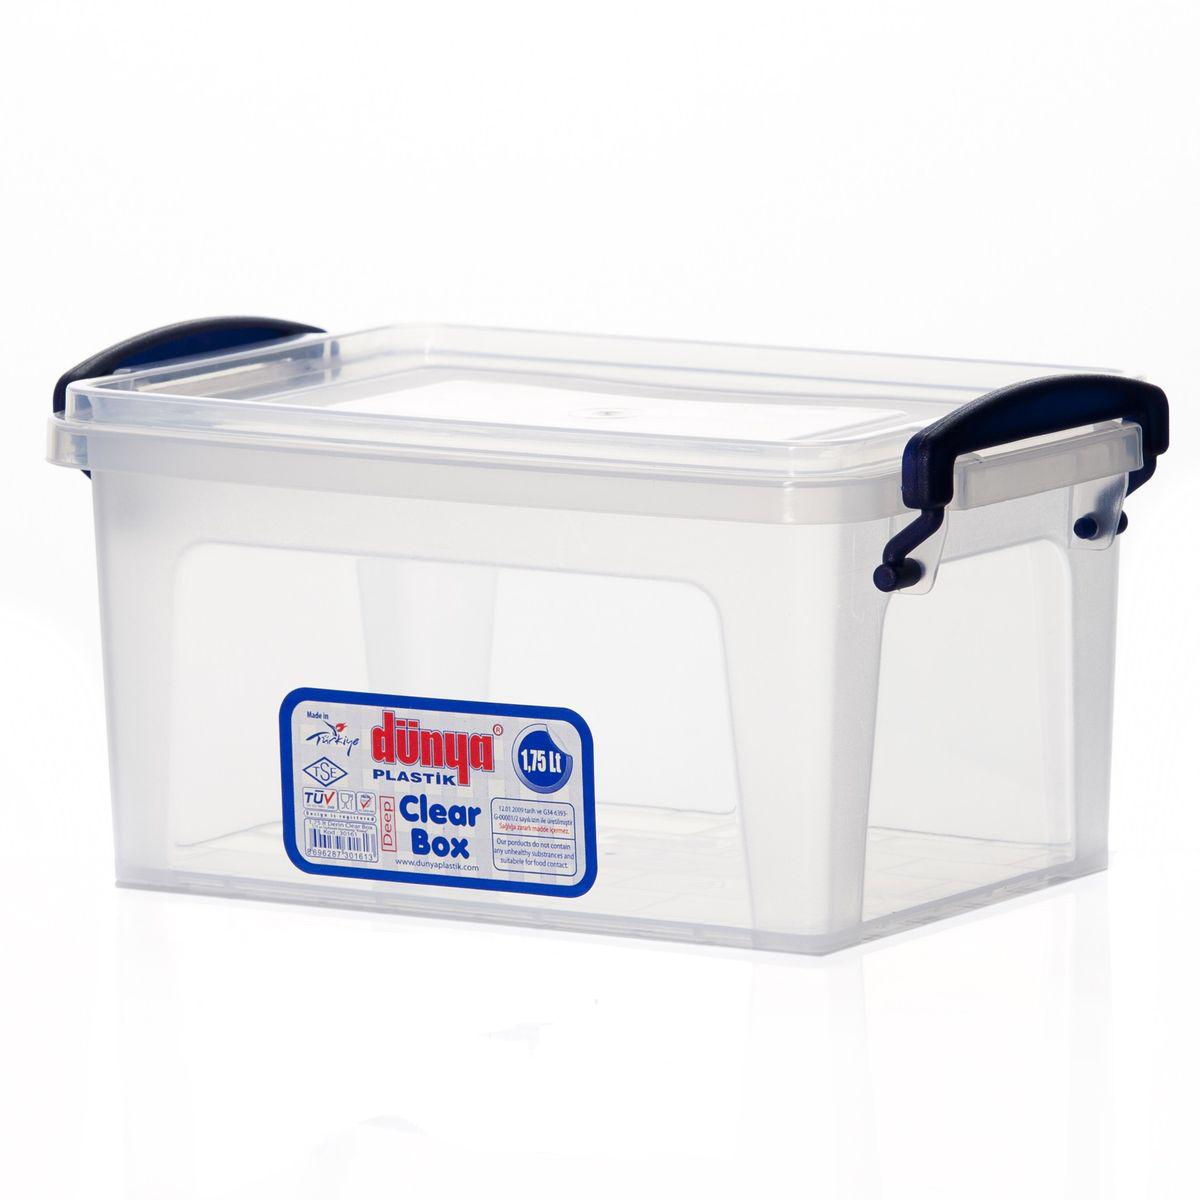 Контейнер Dunya Plastik Clear Box, цвет: прозрачный, 1,75 л30161Контейнер Dunya Plastik Clear Box выполнен из прочного пластика. Он предназначен для хранения различных мелких вещей. Крышка легко открывается и плотно закрывается. Прозрачные стенки позволяют видеть содержимое. По бокам предусмотрены две удобные ручки, с помощью которых контейнер закрывается. Контейнер поможет хранить все в одном месте, а также защитить вещи от пыли, грязи и влаги. Объем: 1,75 л. Размер контейнера: 20,5 см х 13,5 см. Высота (без учета крышки): 9,2 см.